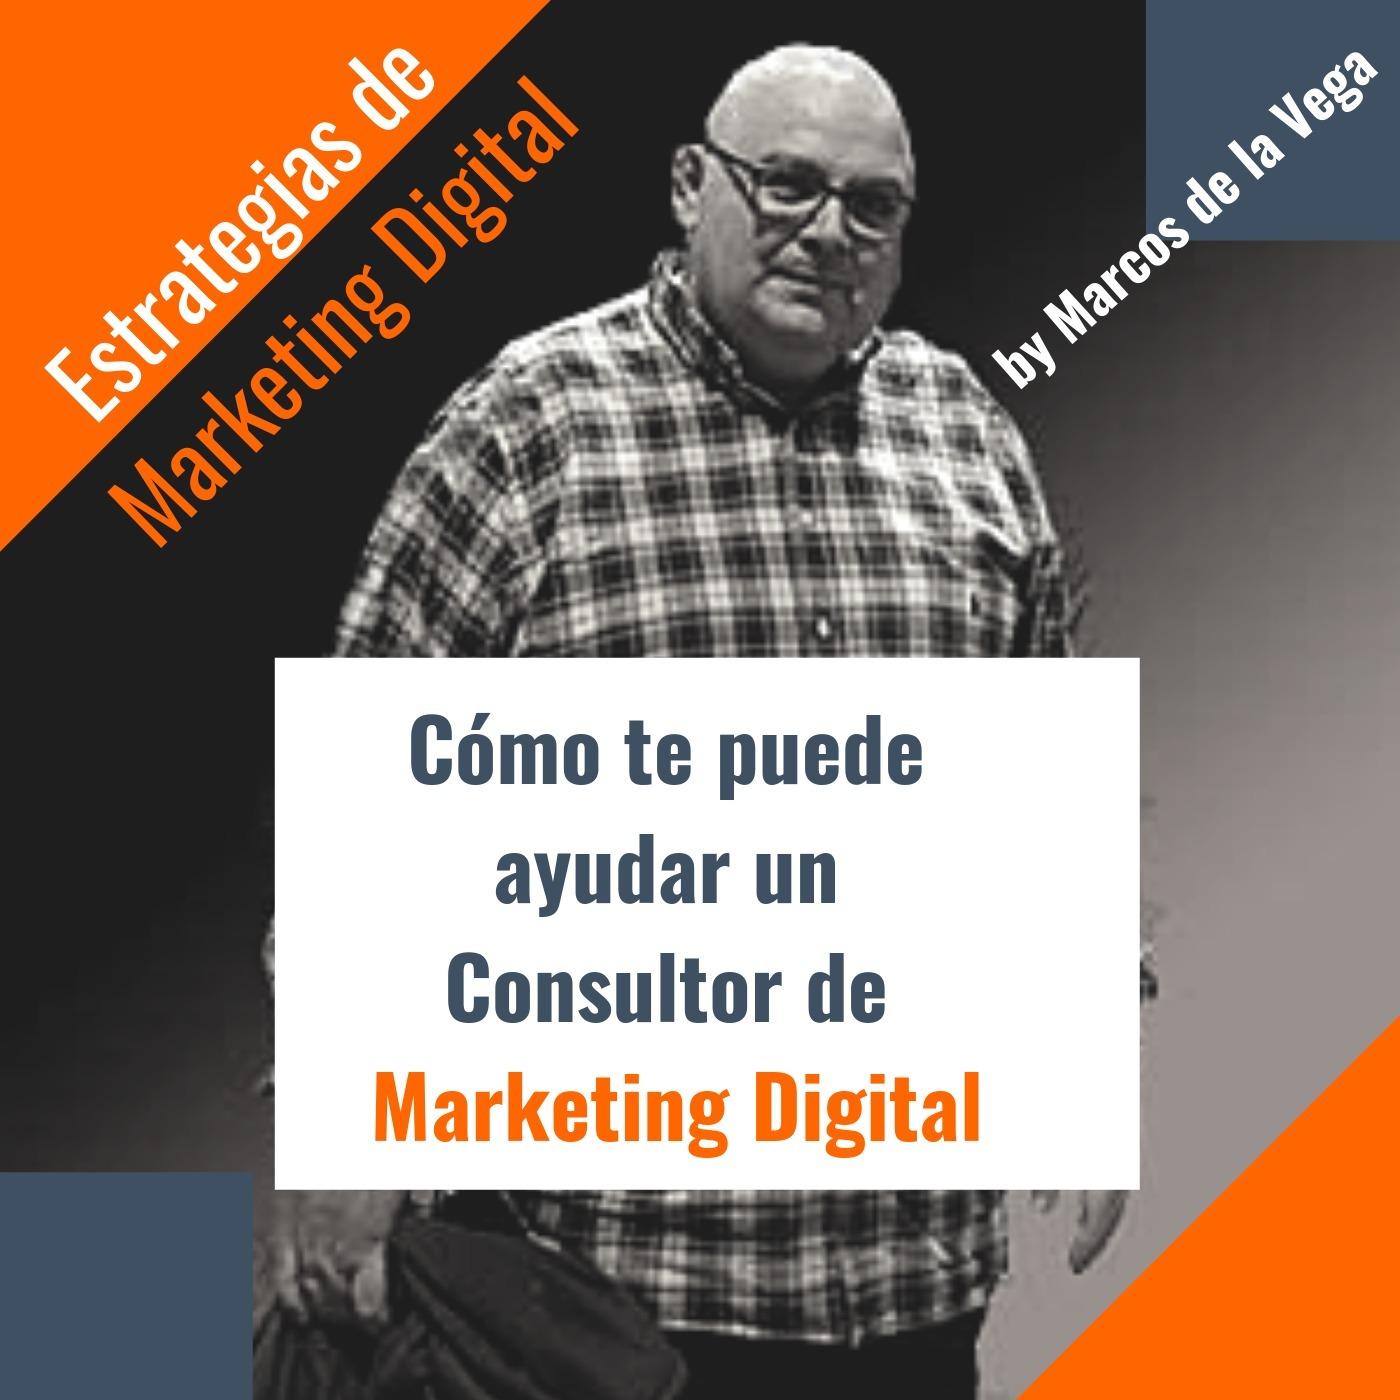 Cómo te puede ayudar un Consultor de Marketing Digital